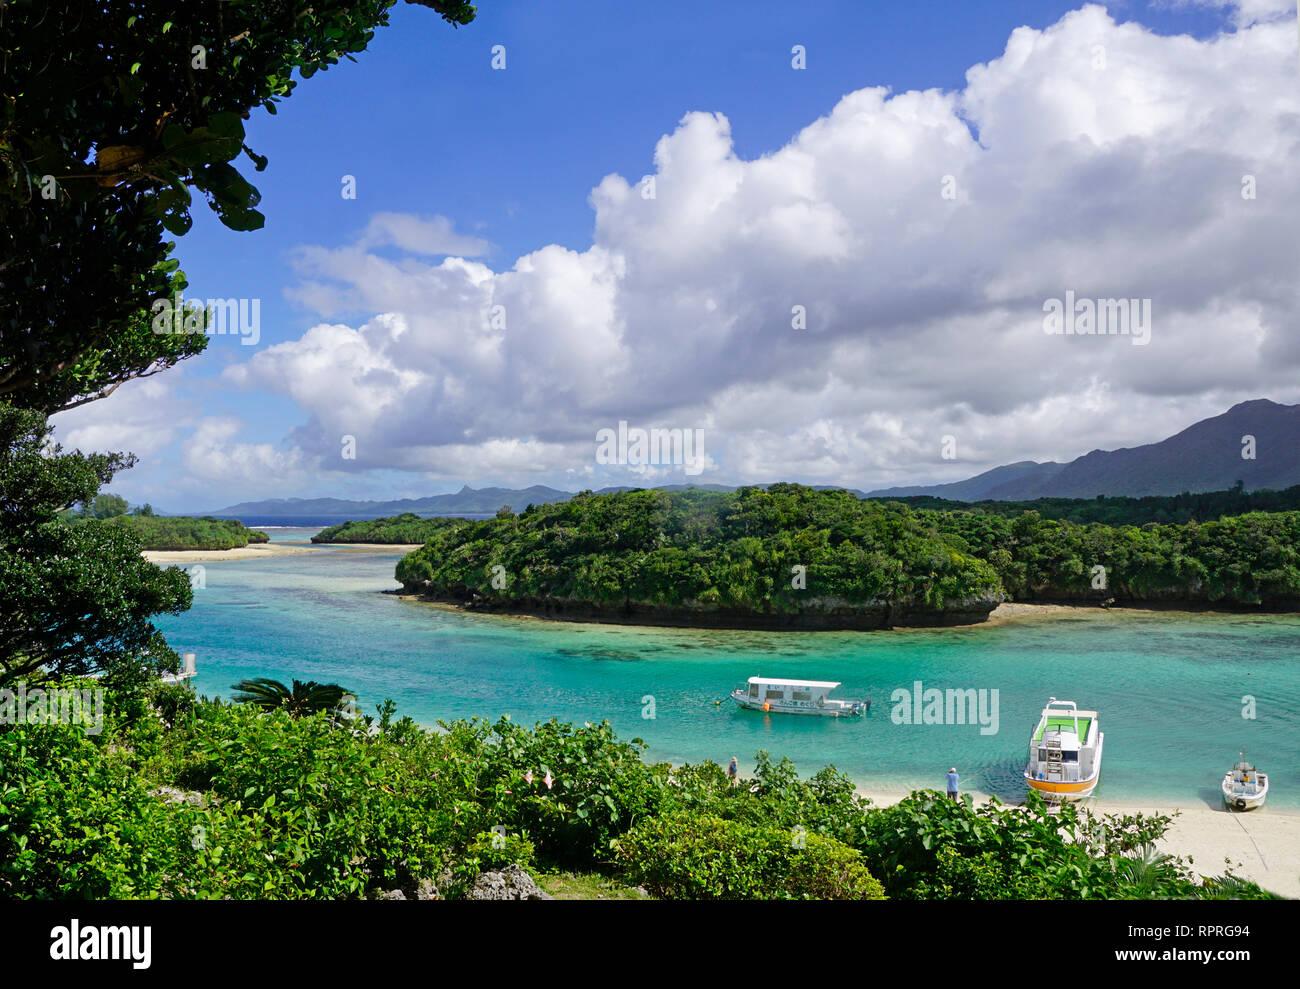 Ishigaki Island, Okinawa, Japan - Stock Image